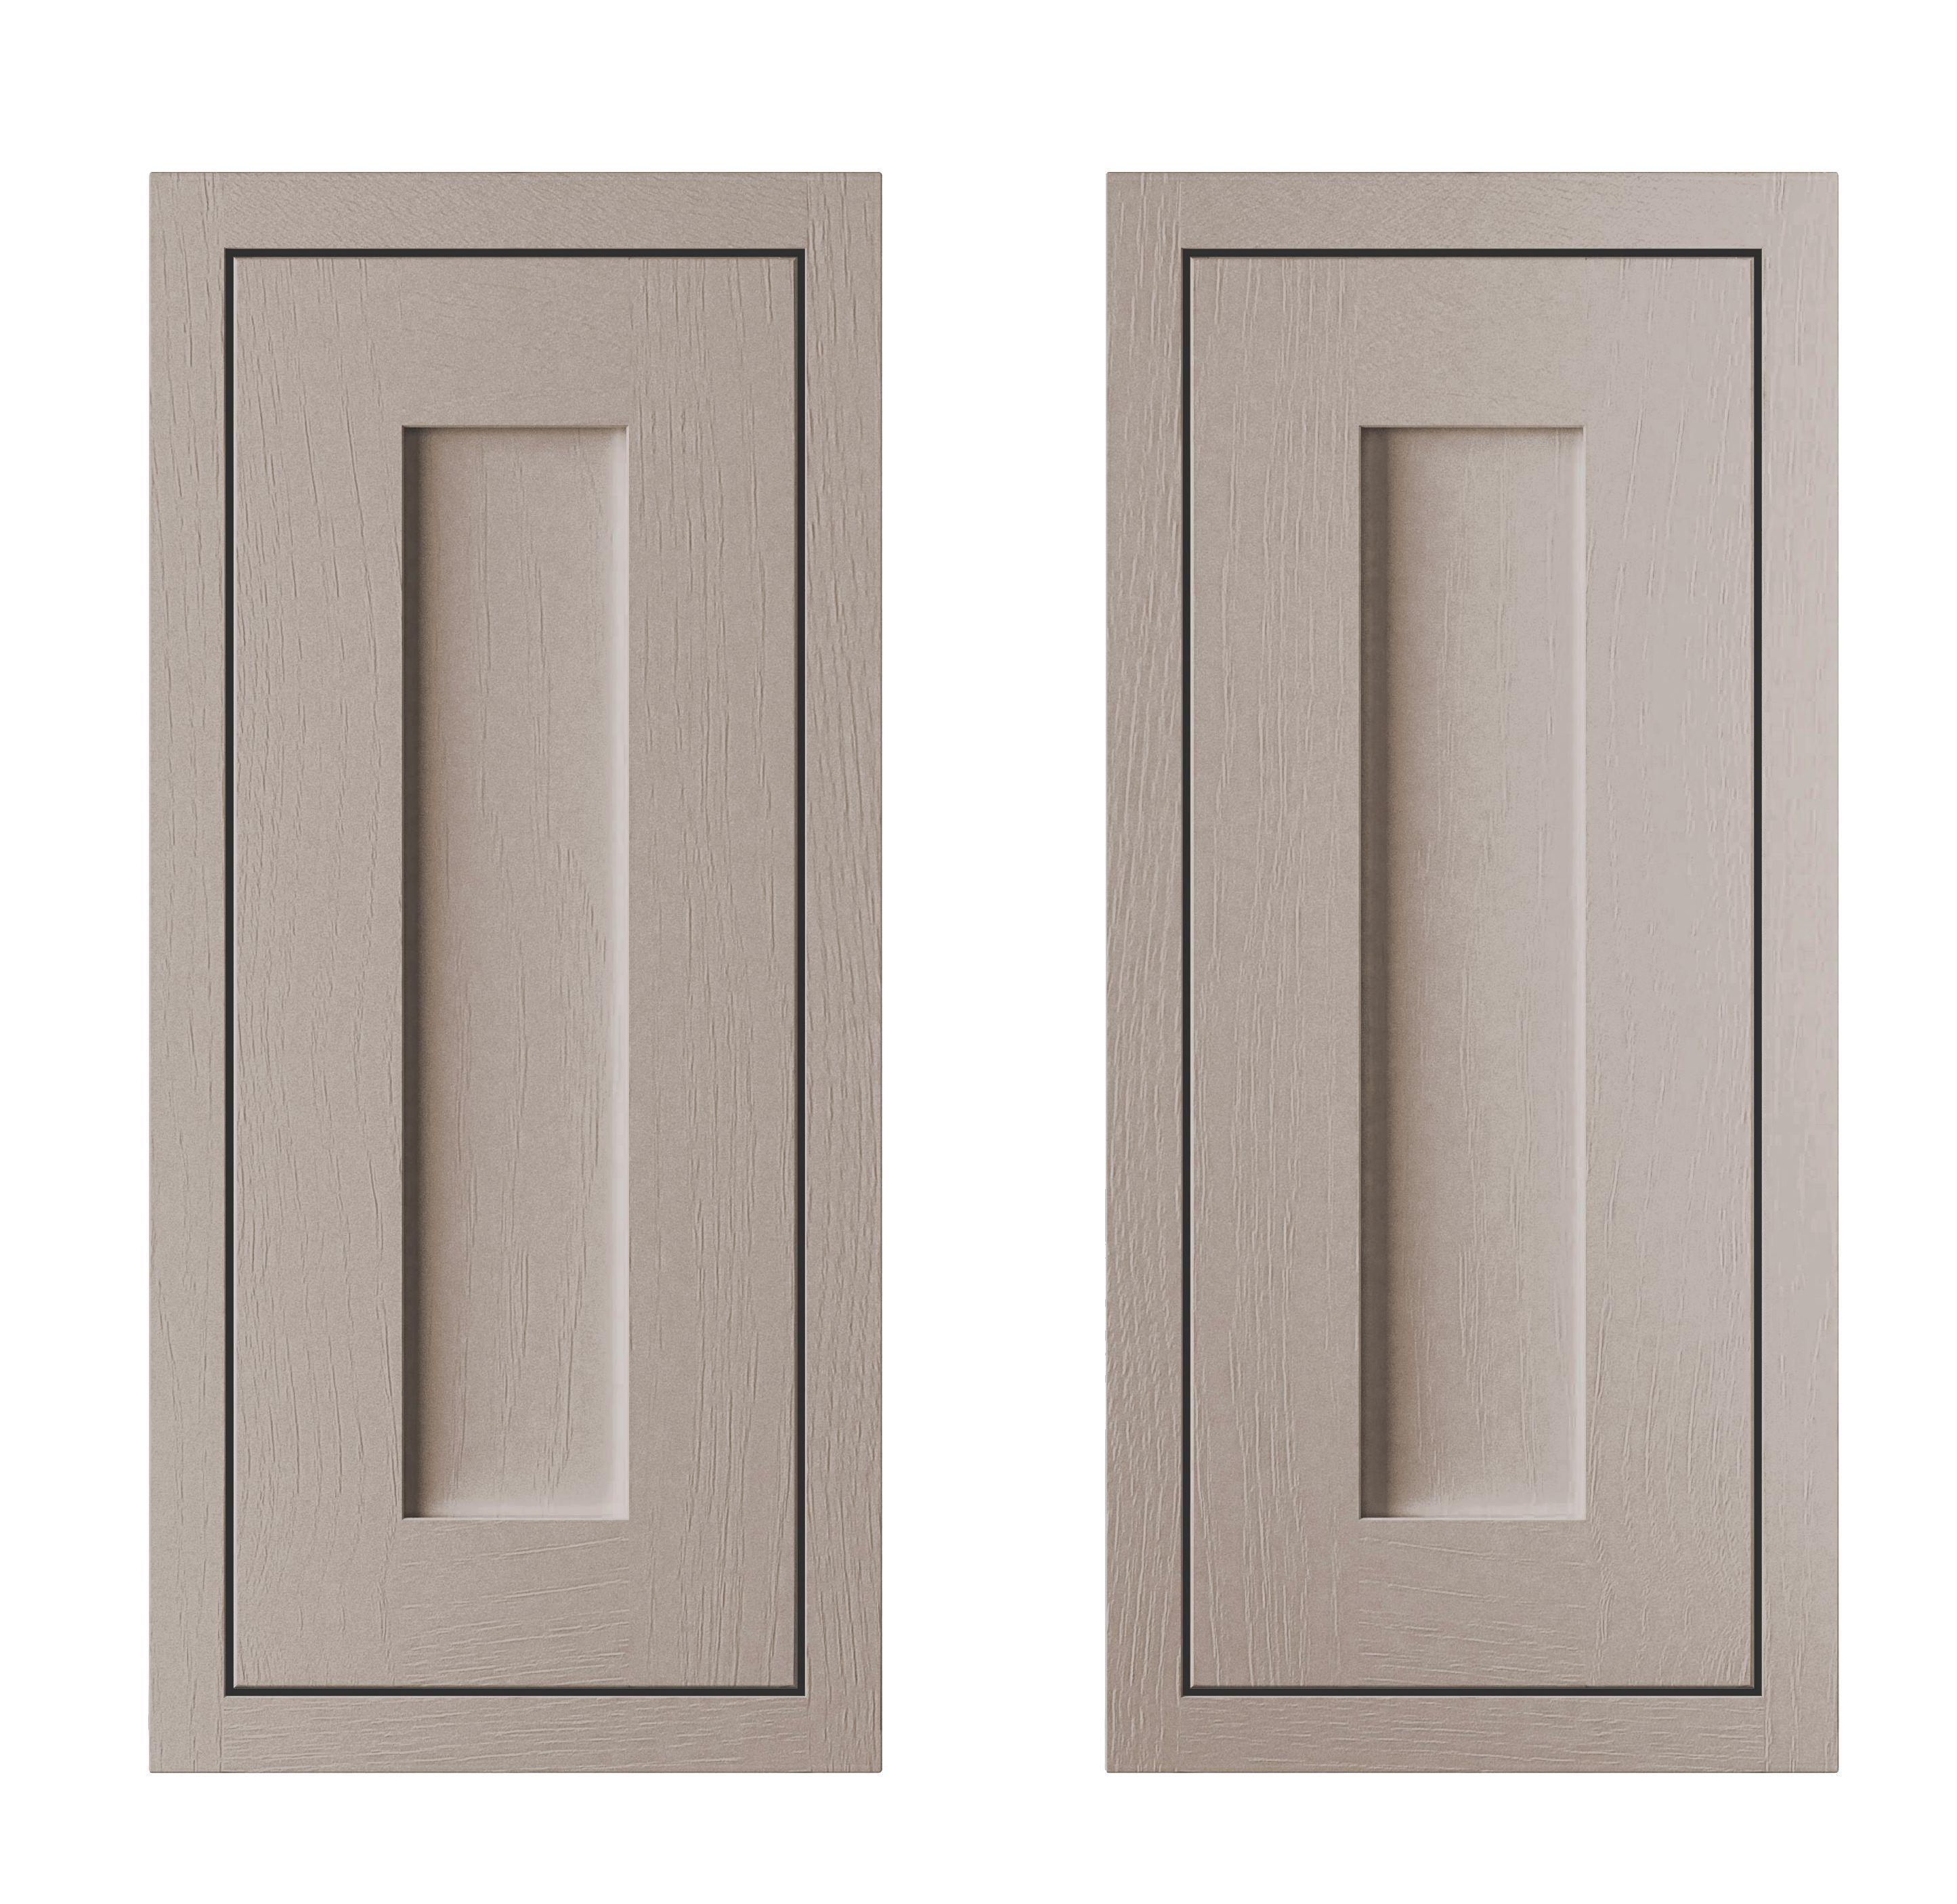 Cooke & Lewis Carisbrooke Taupe Framed Corner Base Door (w)925mm, Set Of 2